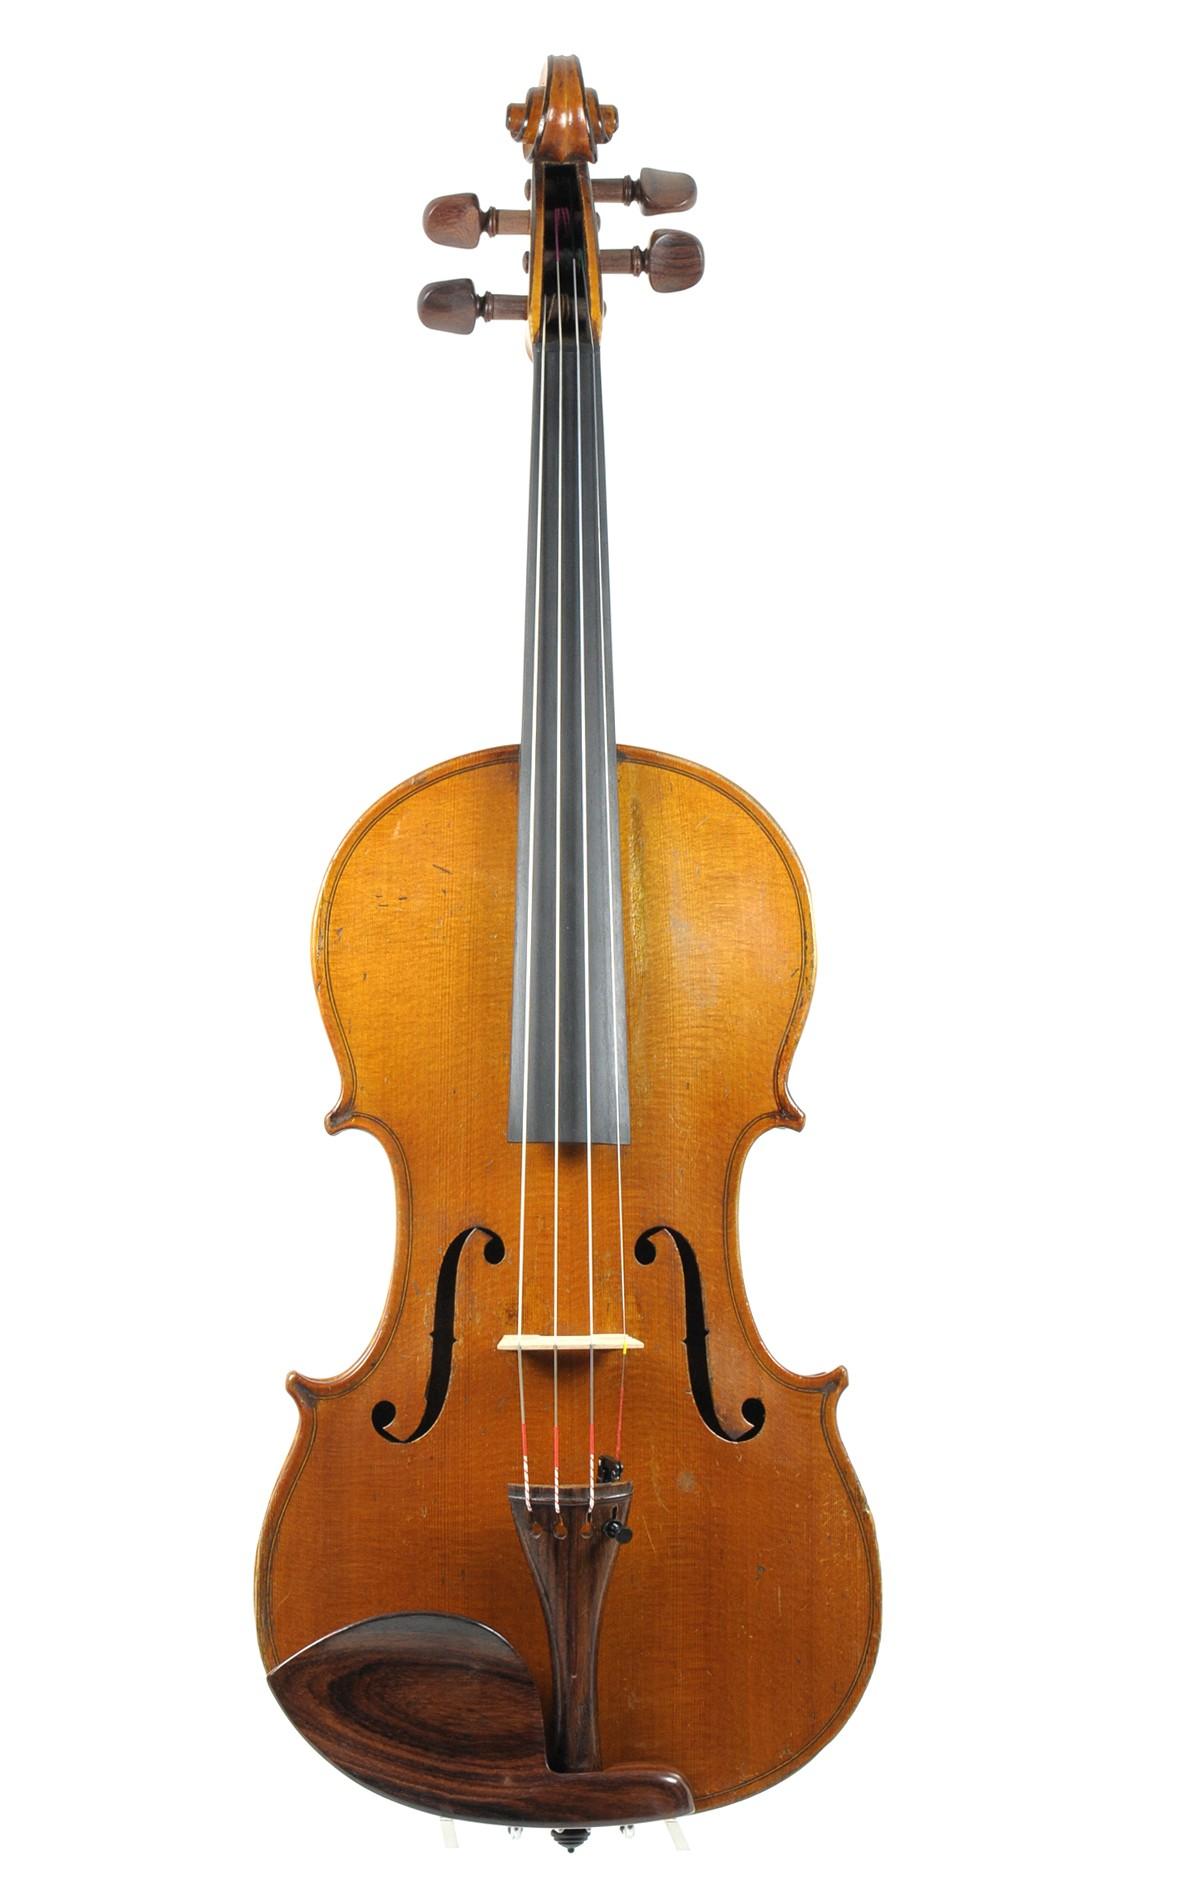 Carl Meyer Markneukirchen label, German violin - top